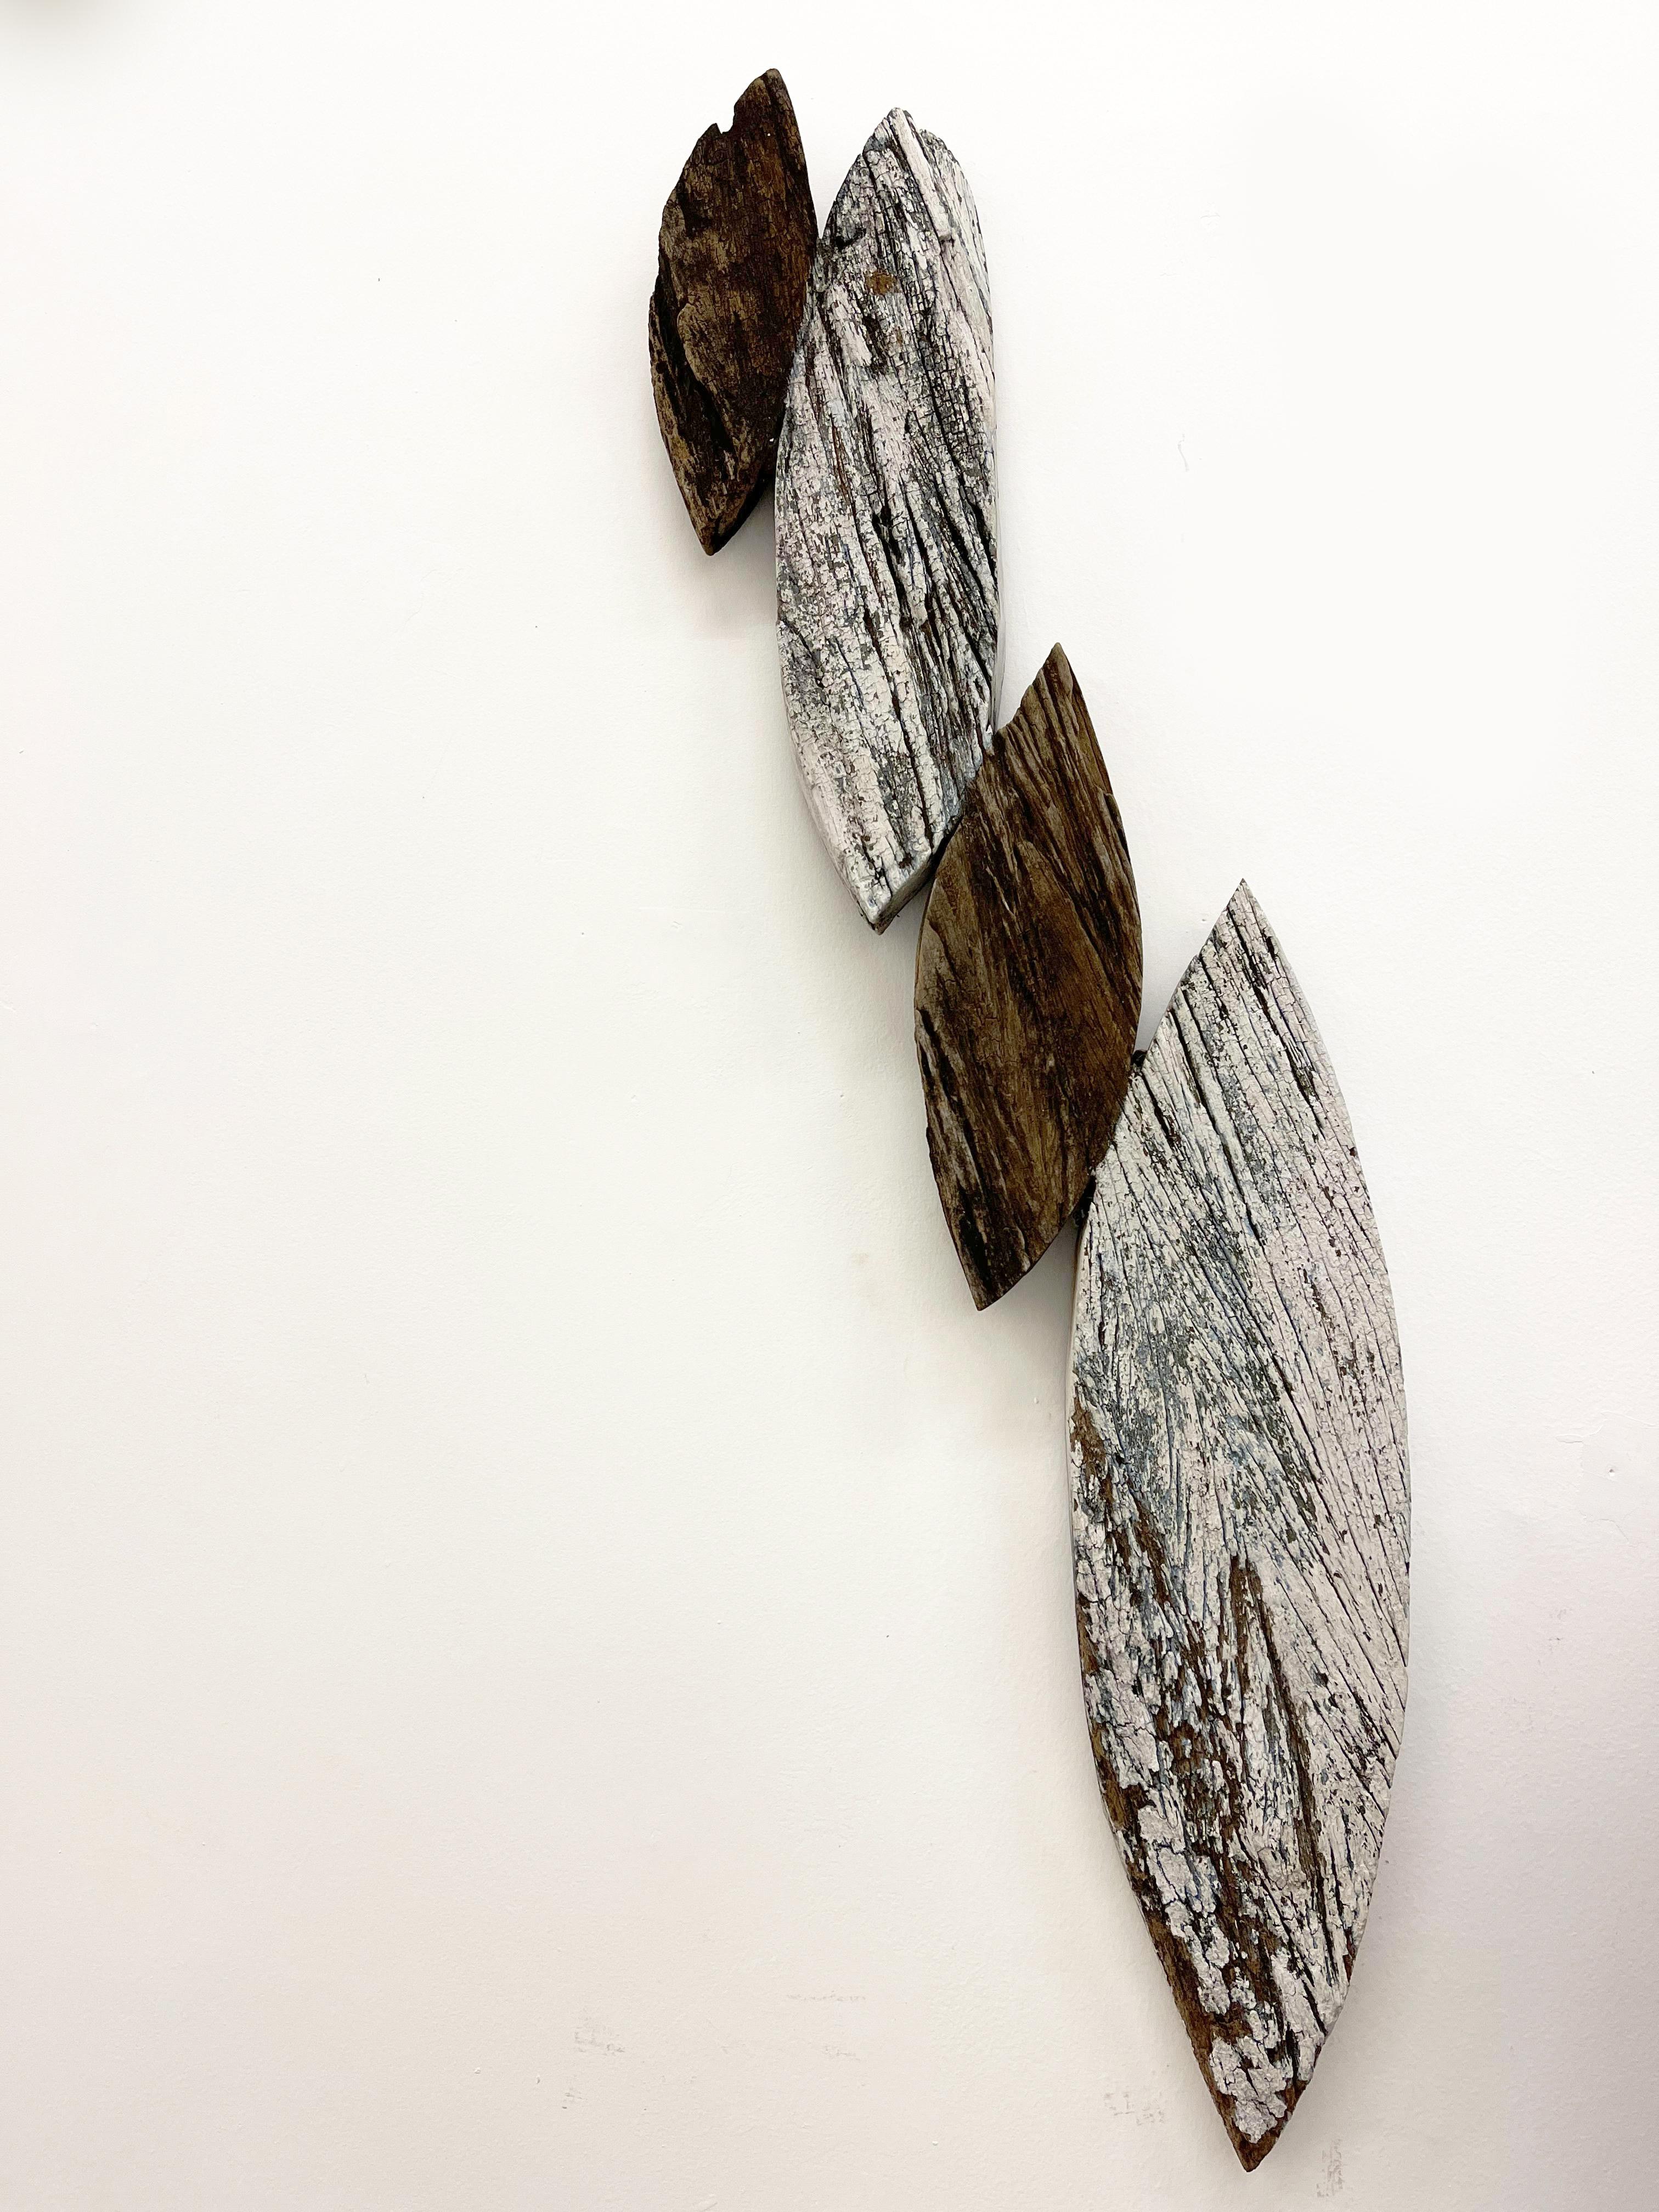 José Ivacy Sem título 3 (branca), 2020 -2021 Série Arqueologia Sensível Recortes e incrustações com matérias do lugar Concreto, madeira e tinta óleo100 x 22 x 5 cm